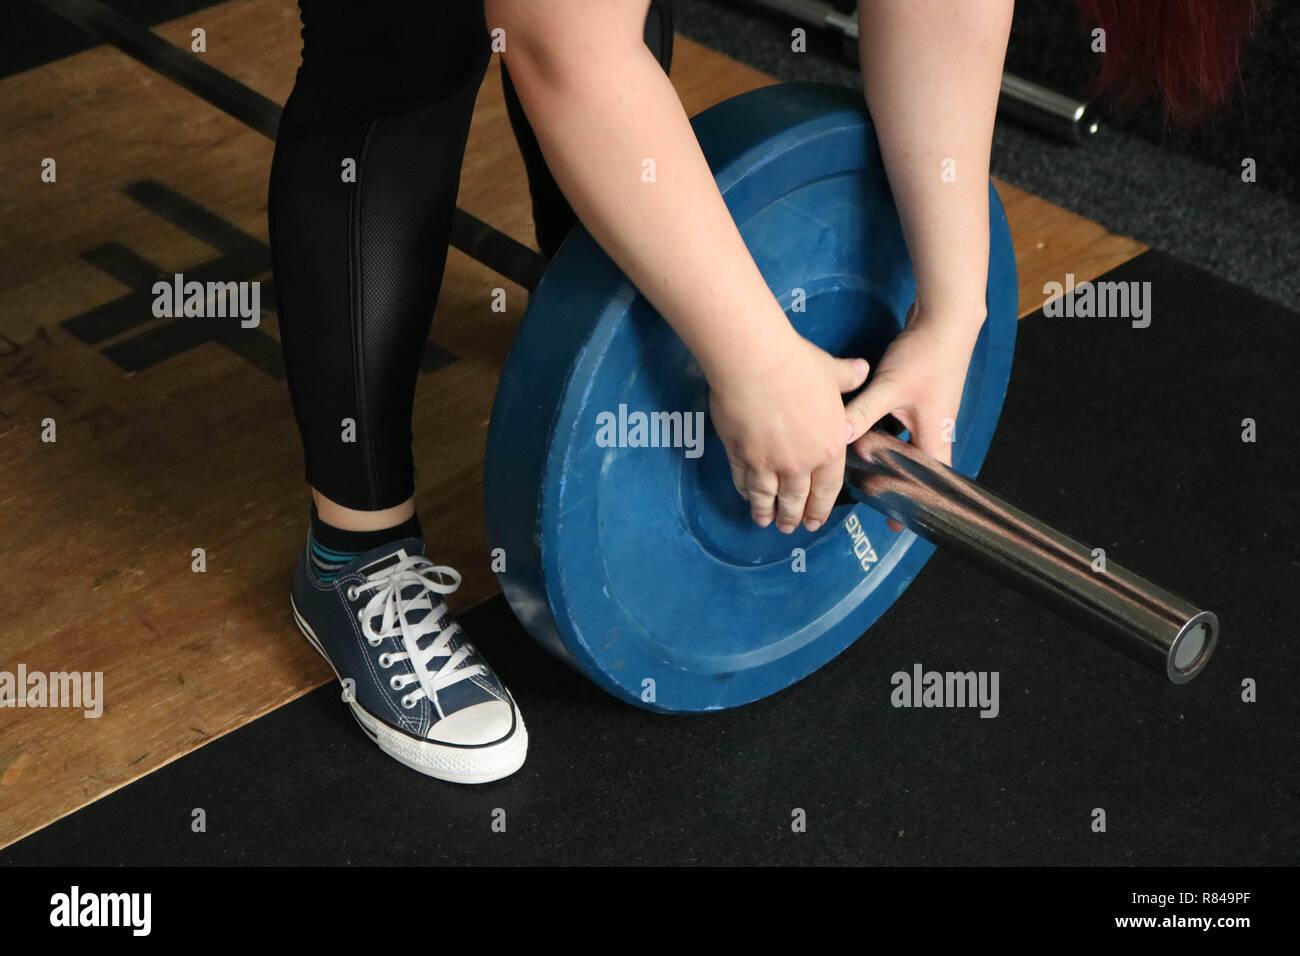 Pesistas utilizar contrapesos y barbell para hacer ejercicios como sentadillas o deadlift Imagen De Stock